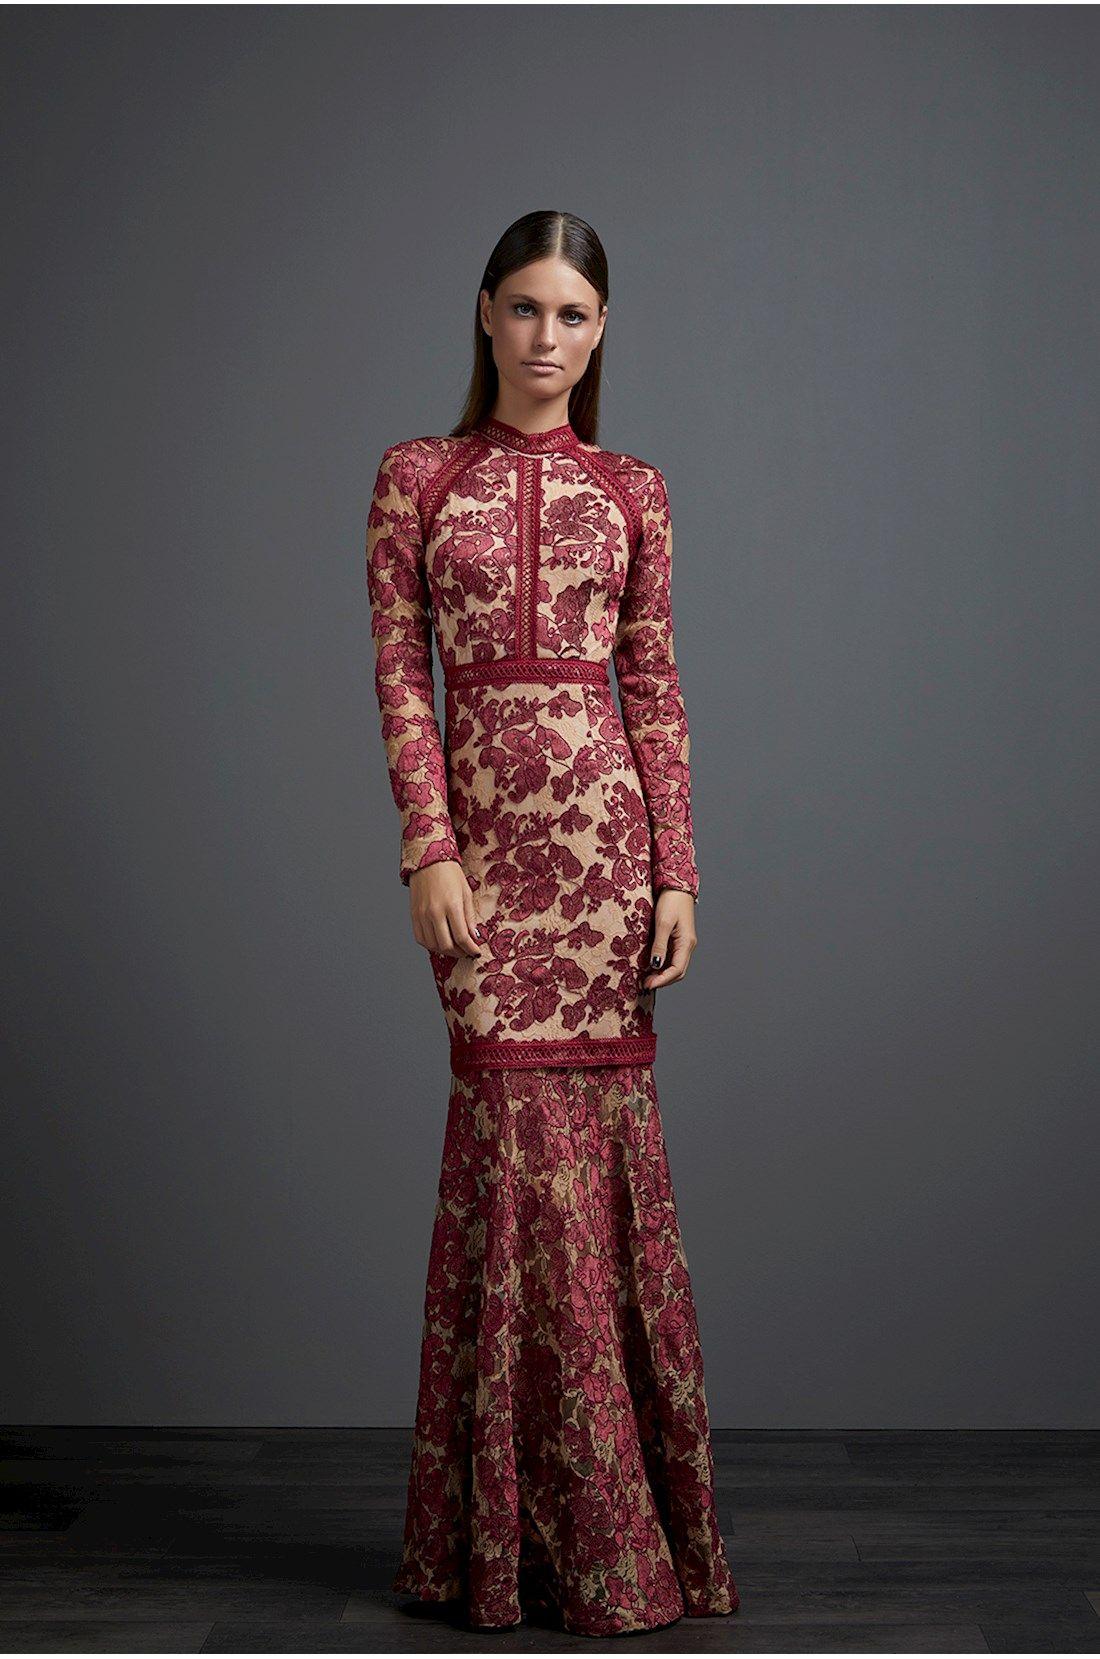 Vestido longo de renda de manga comprida